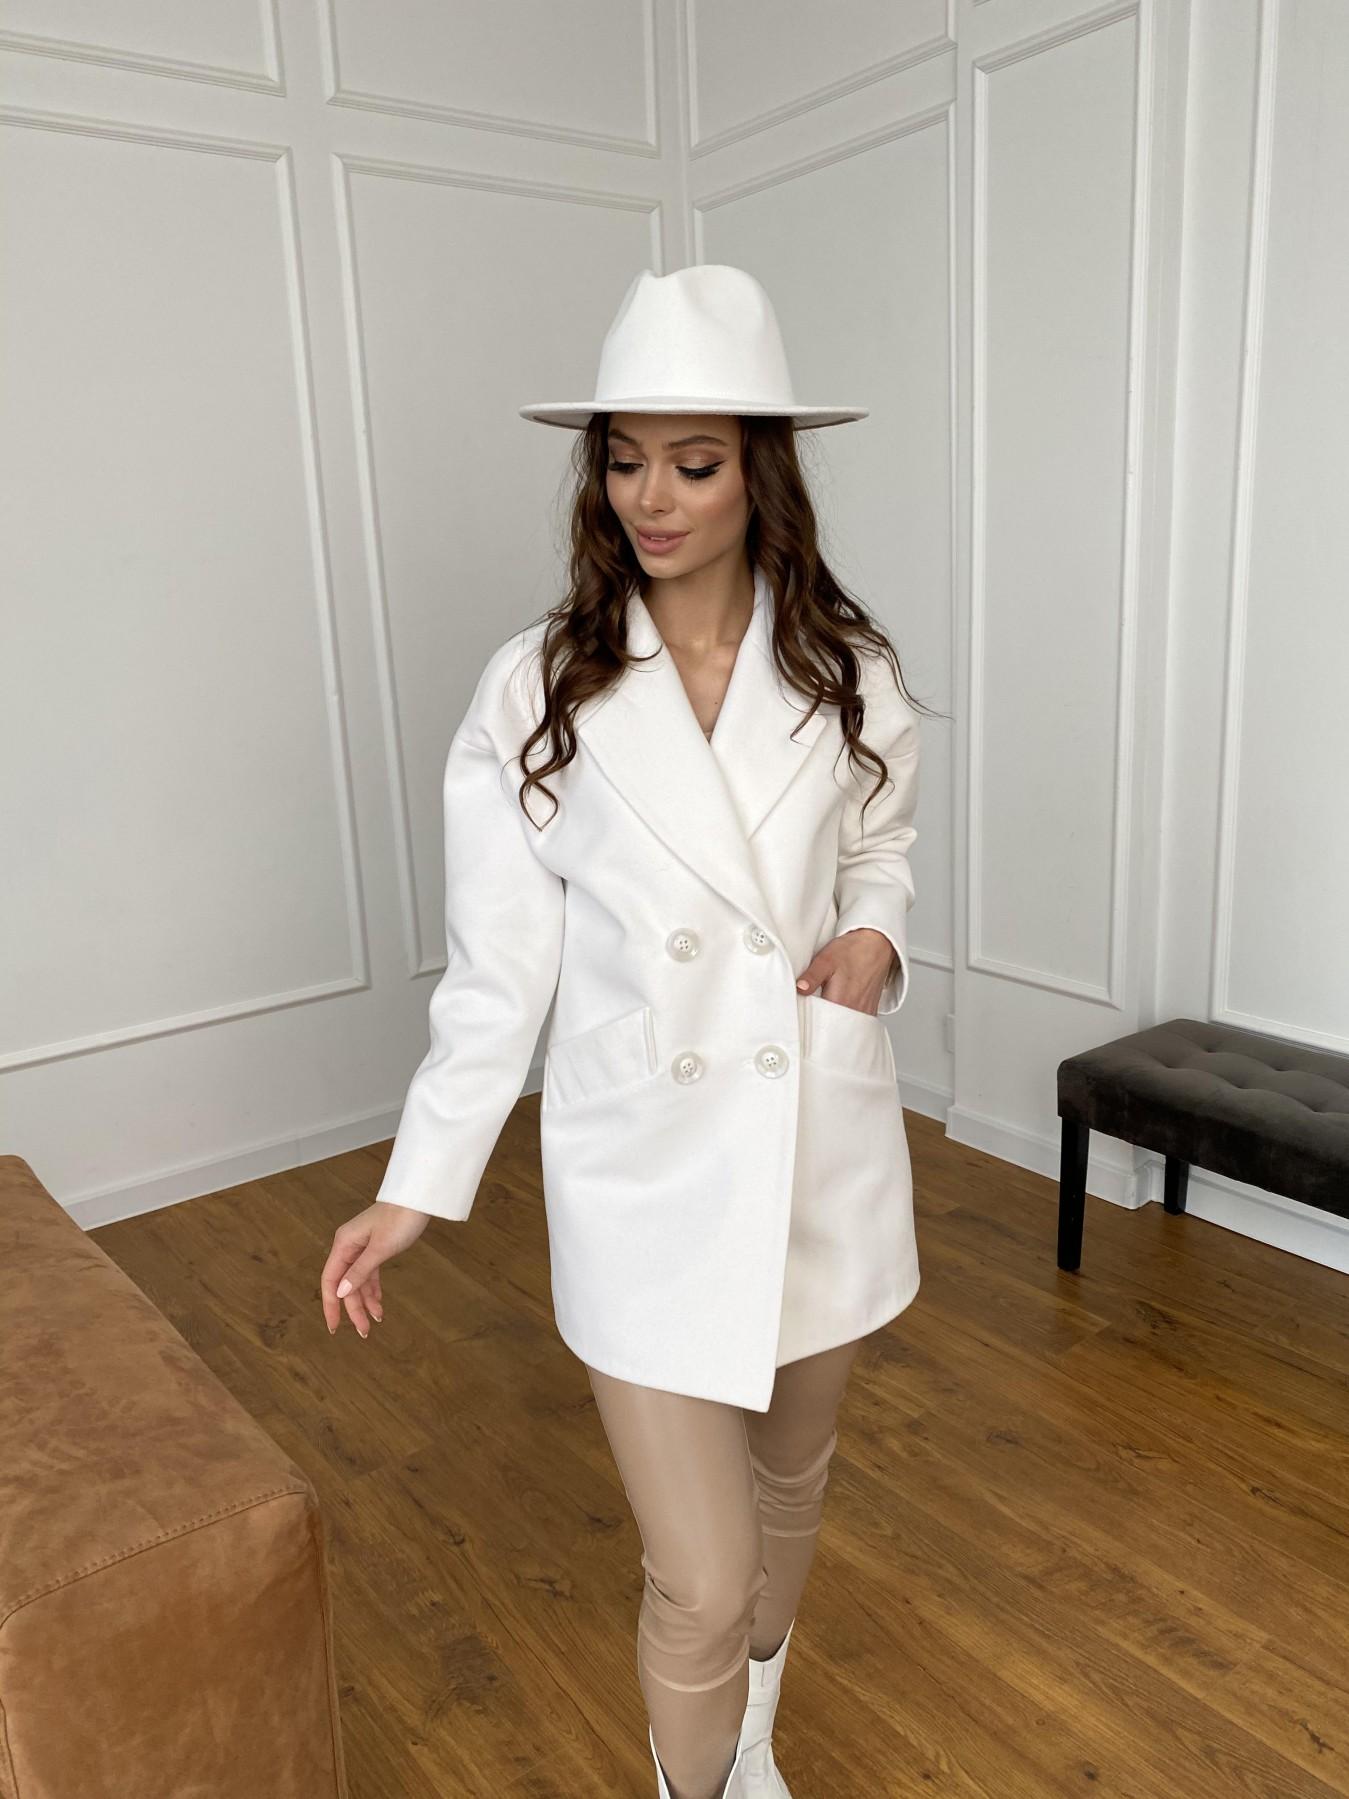 Бонд пальто из кашемира 10646 АРТ. 47495 Цвет: Молоко 1 - фото 4, интернет магазин tm-modus.ru